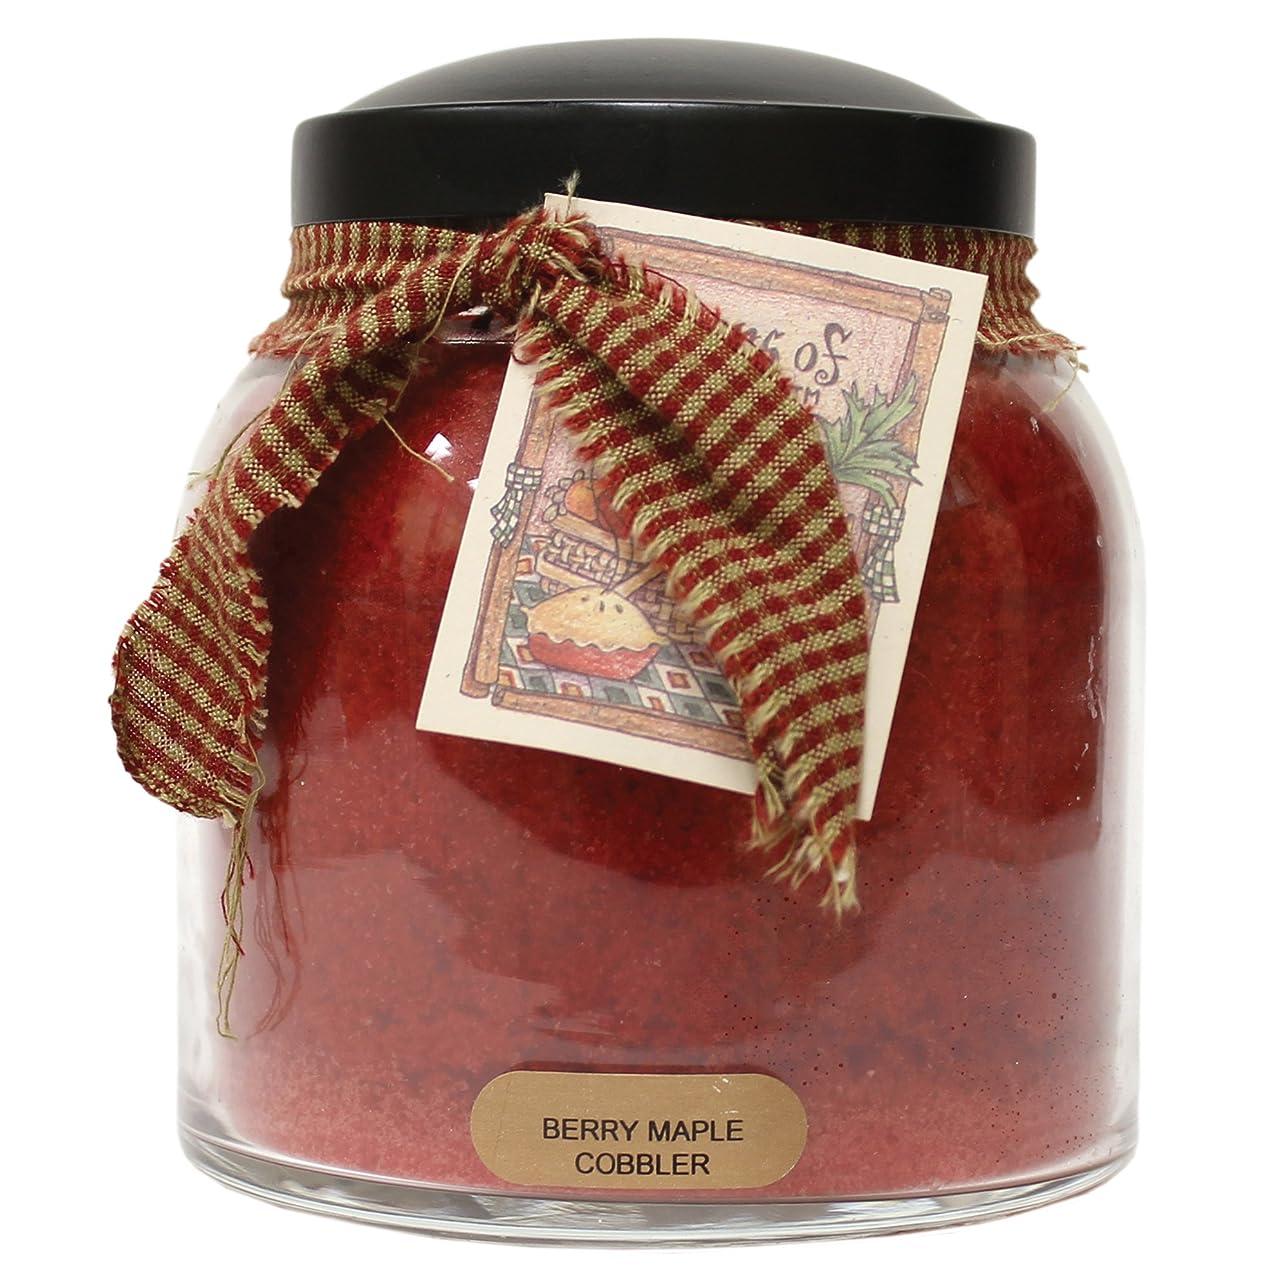 付添人定刻もしA Cheerful Giver A Berry メープルコブラー パパジャーキャンドル レッド